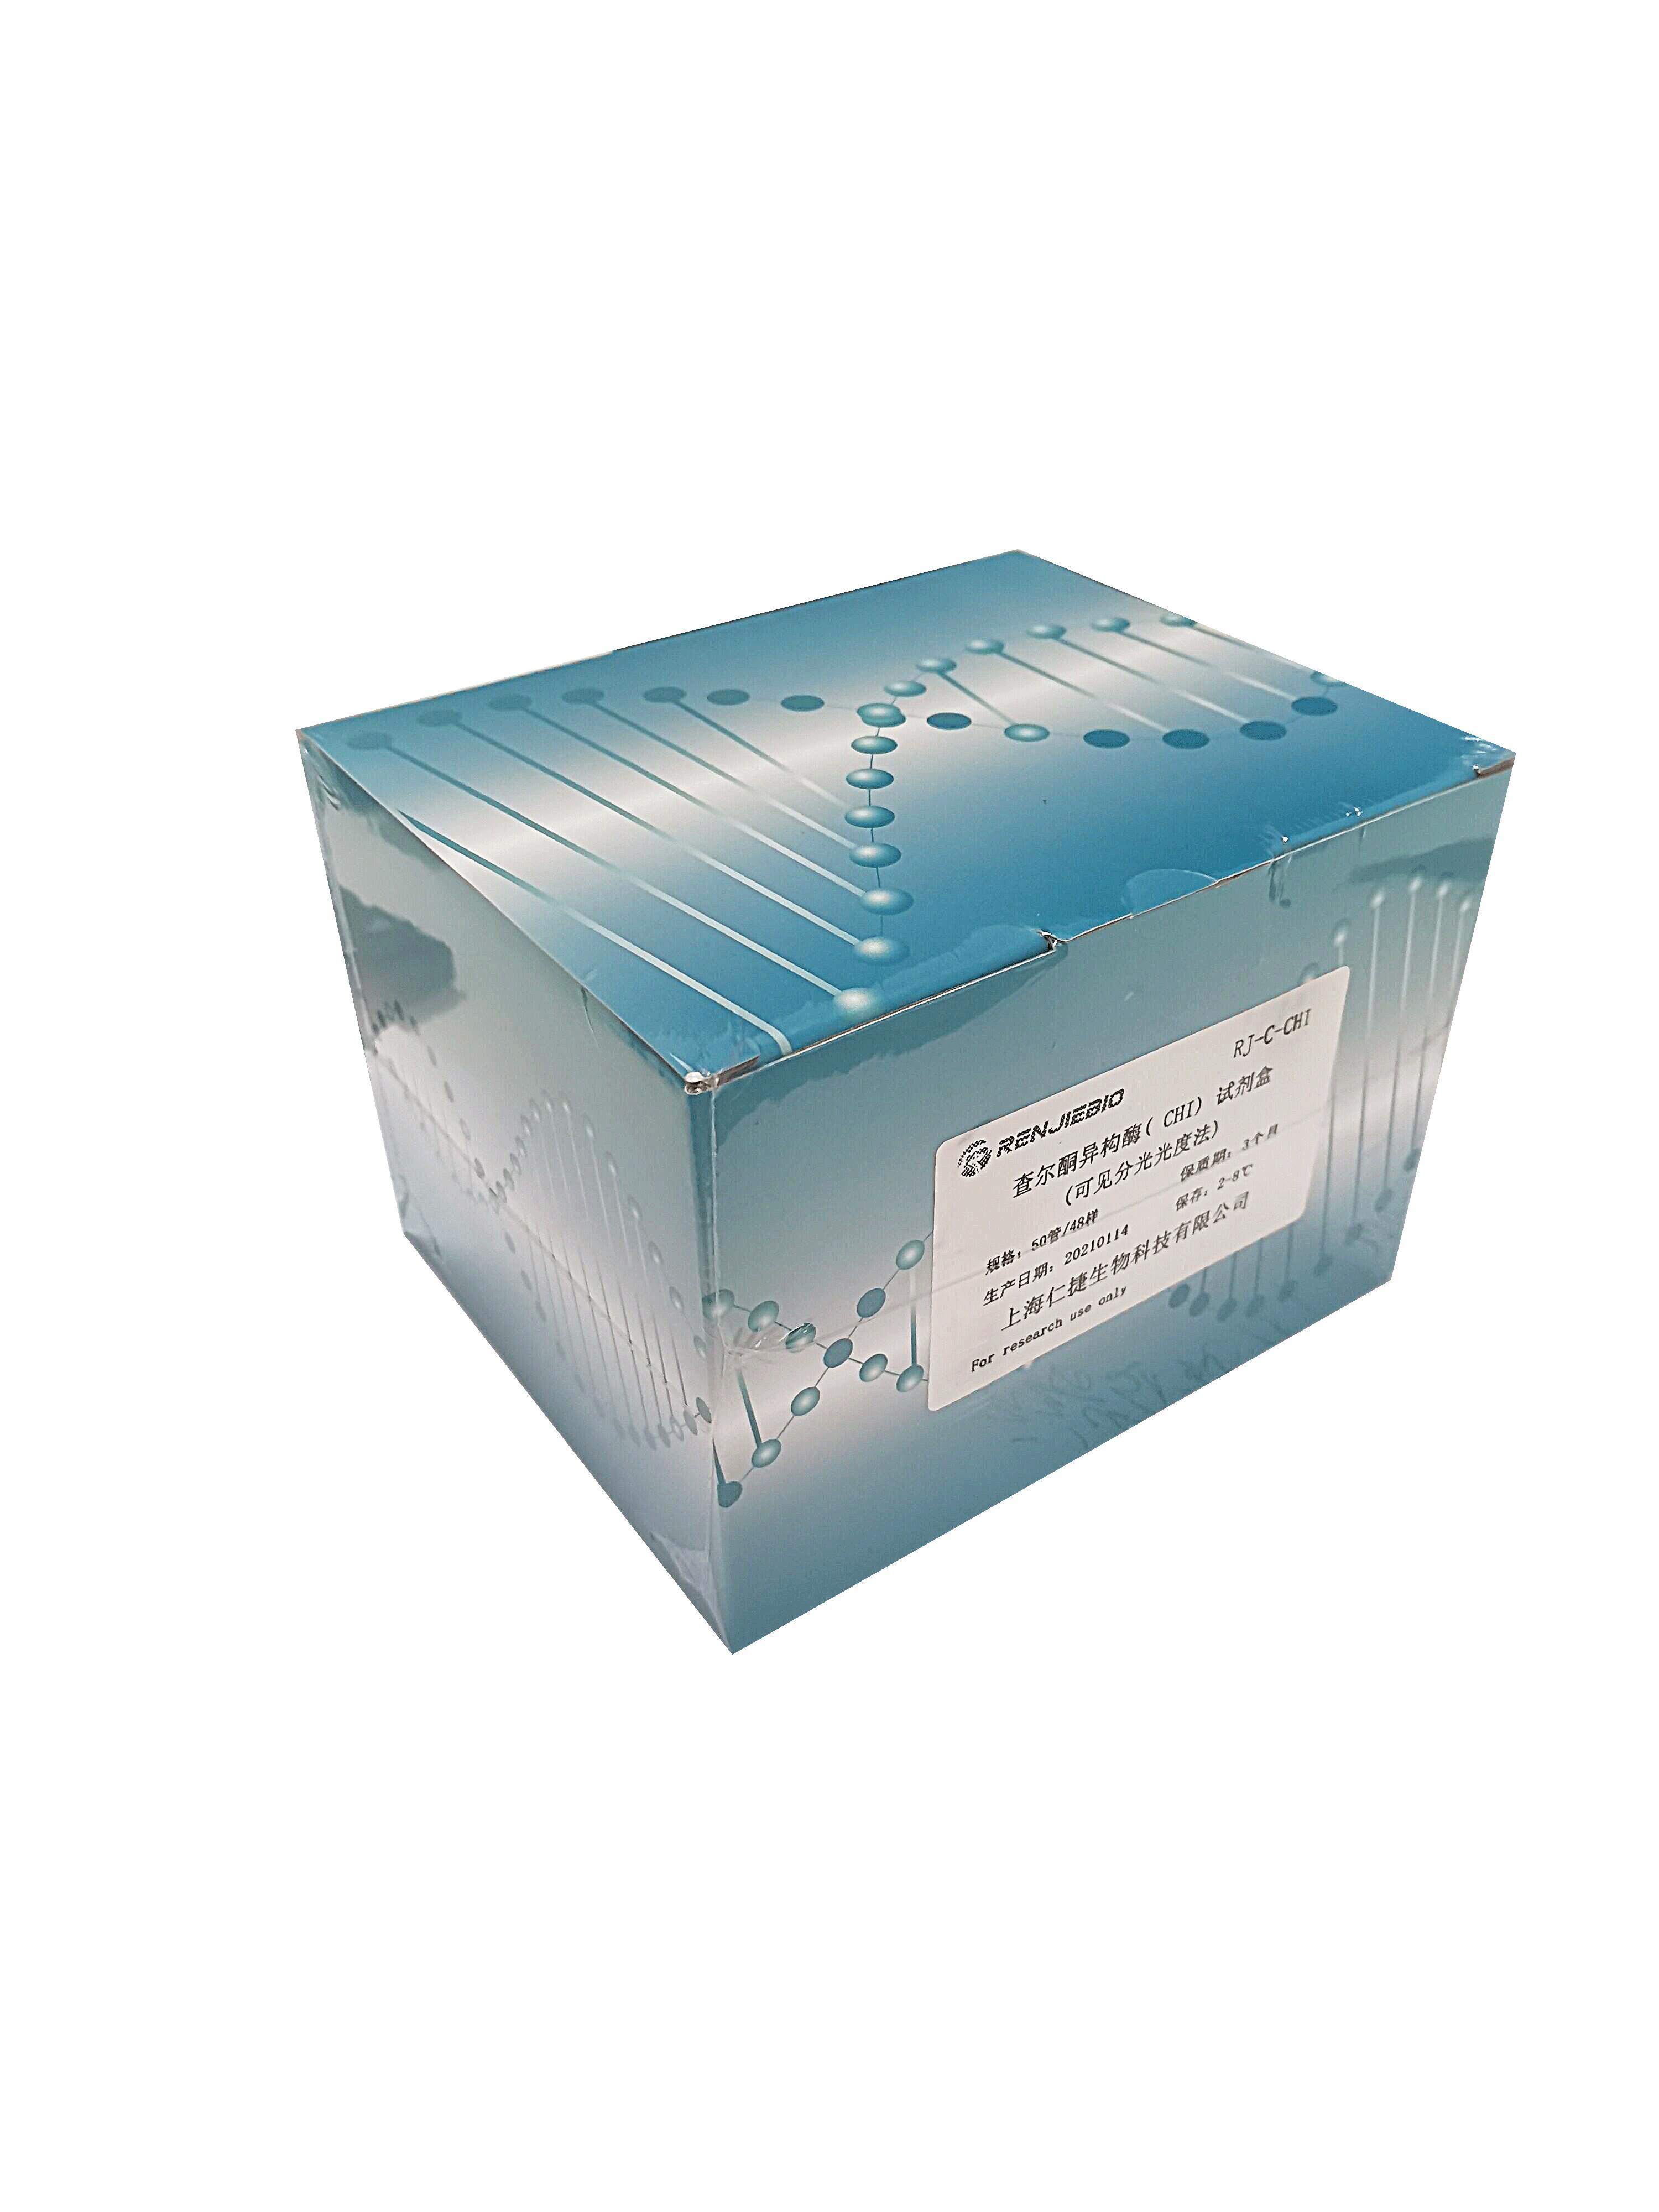 总糖含量测试盒